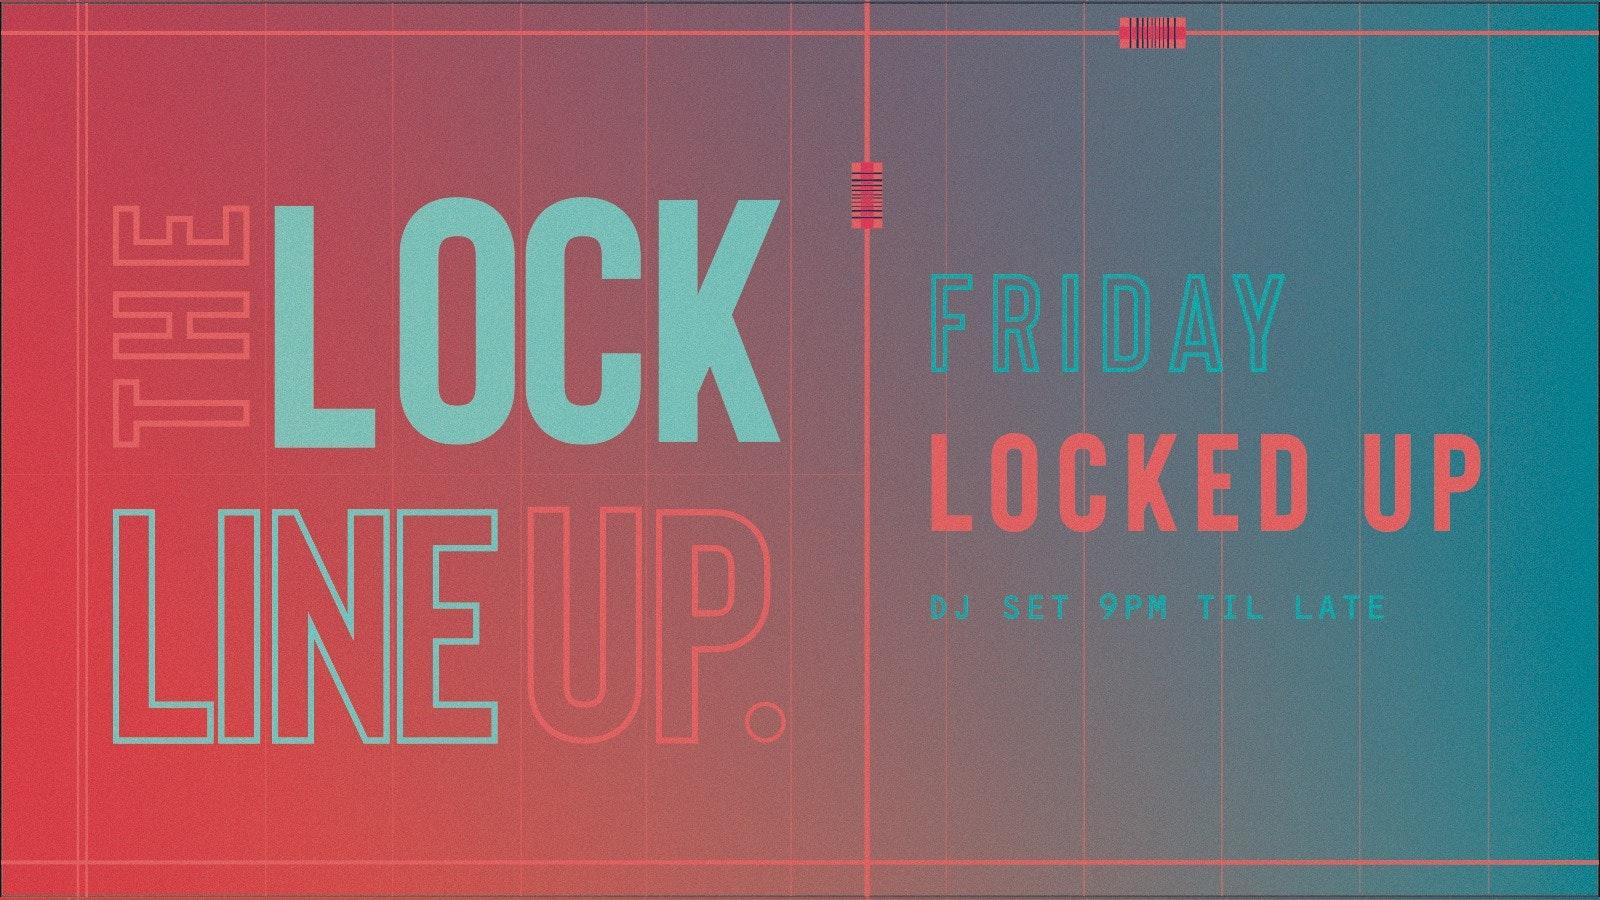 Locked Up – Every Friday